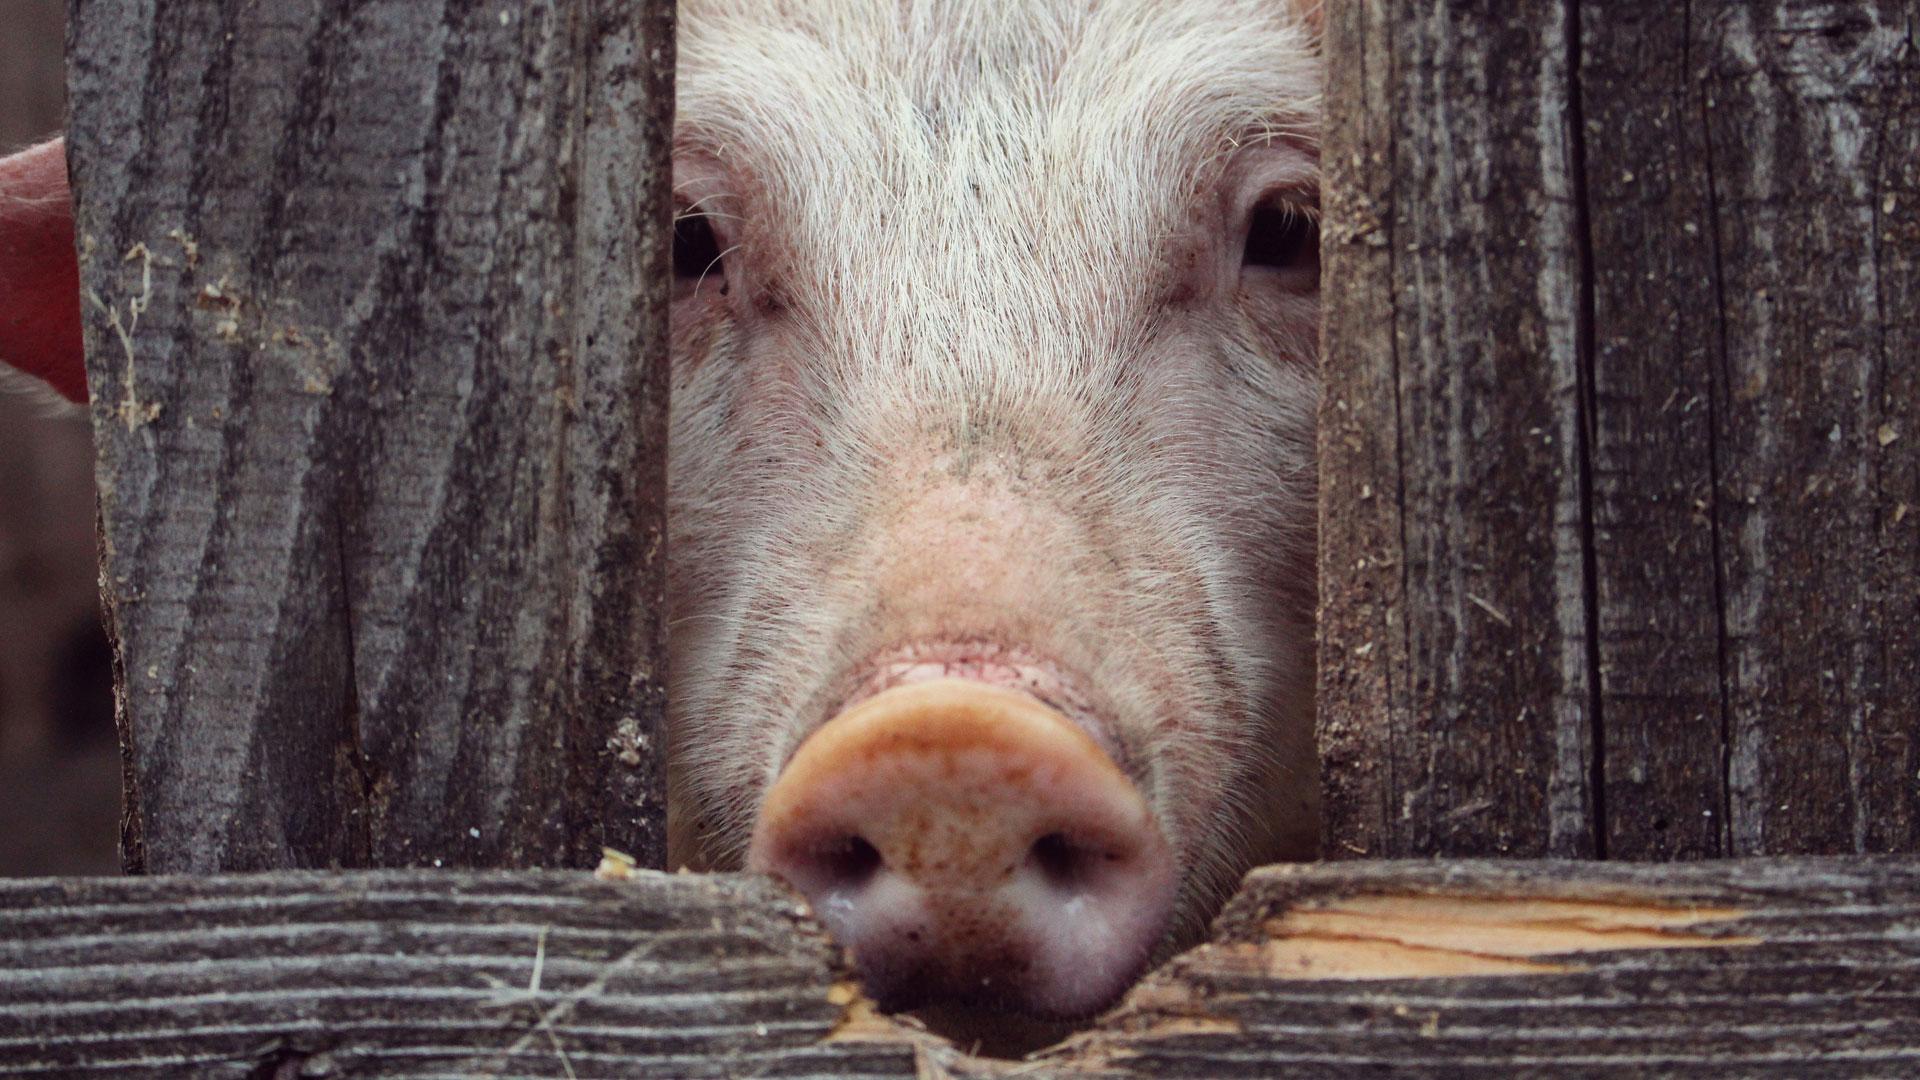 Ganadería industrial, enemiga del planeta: un reportaje de Igualdad Animal